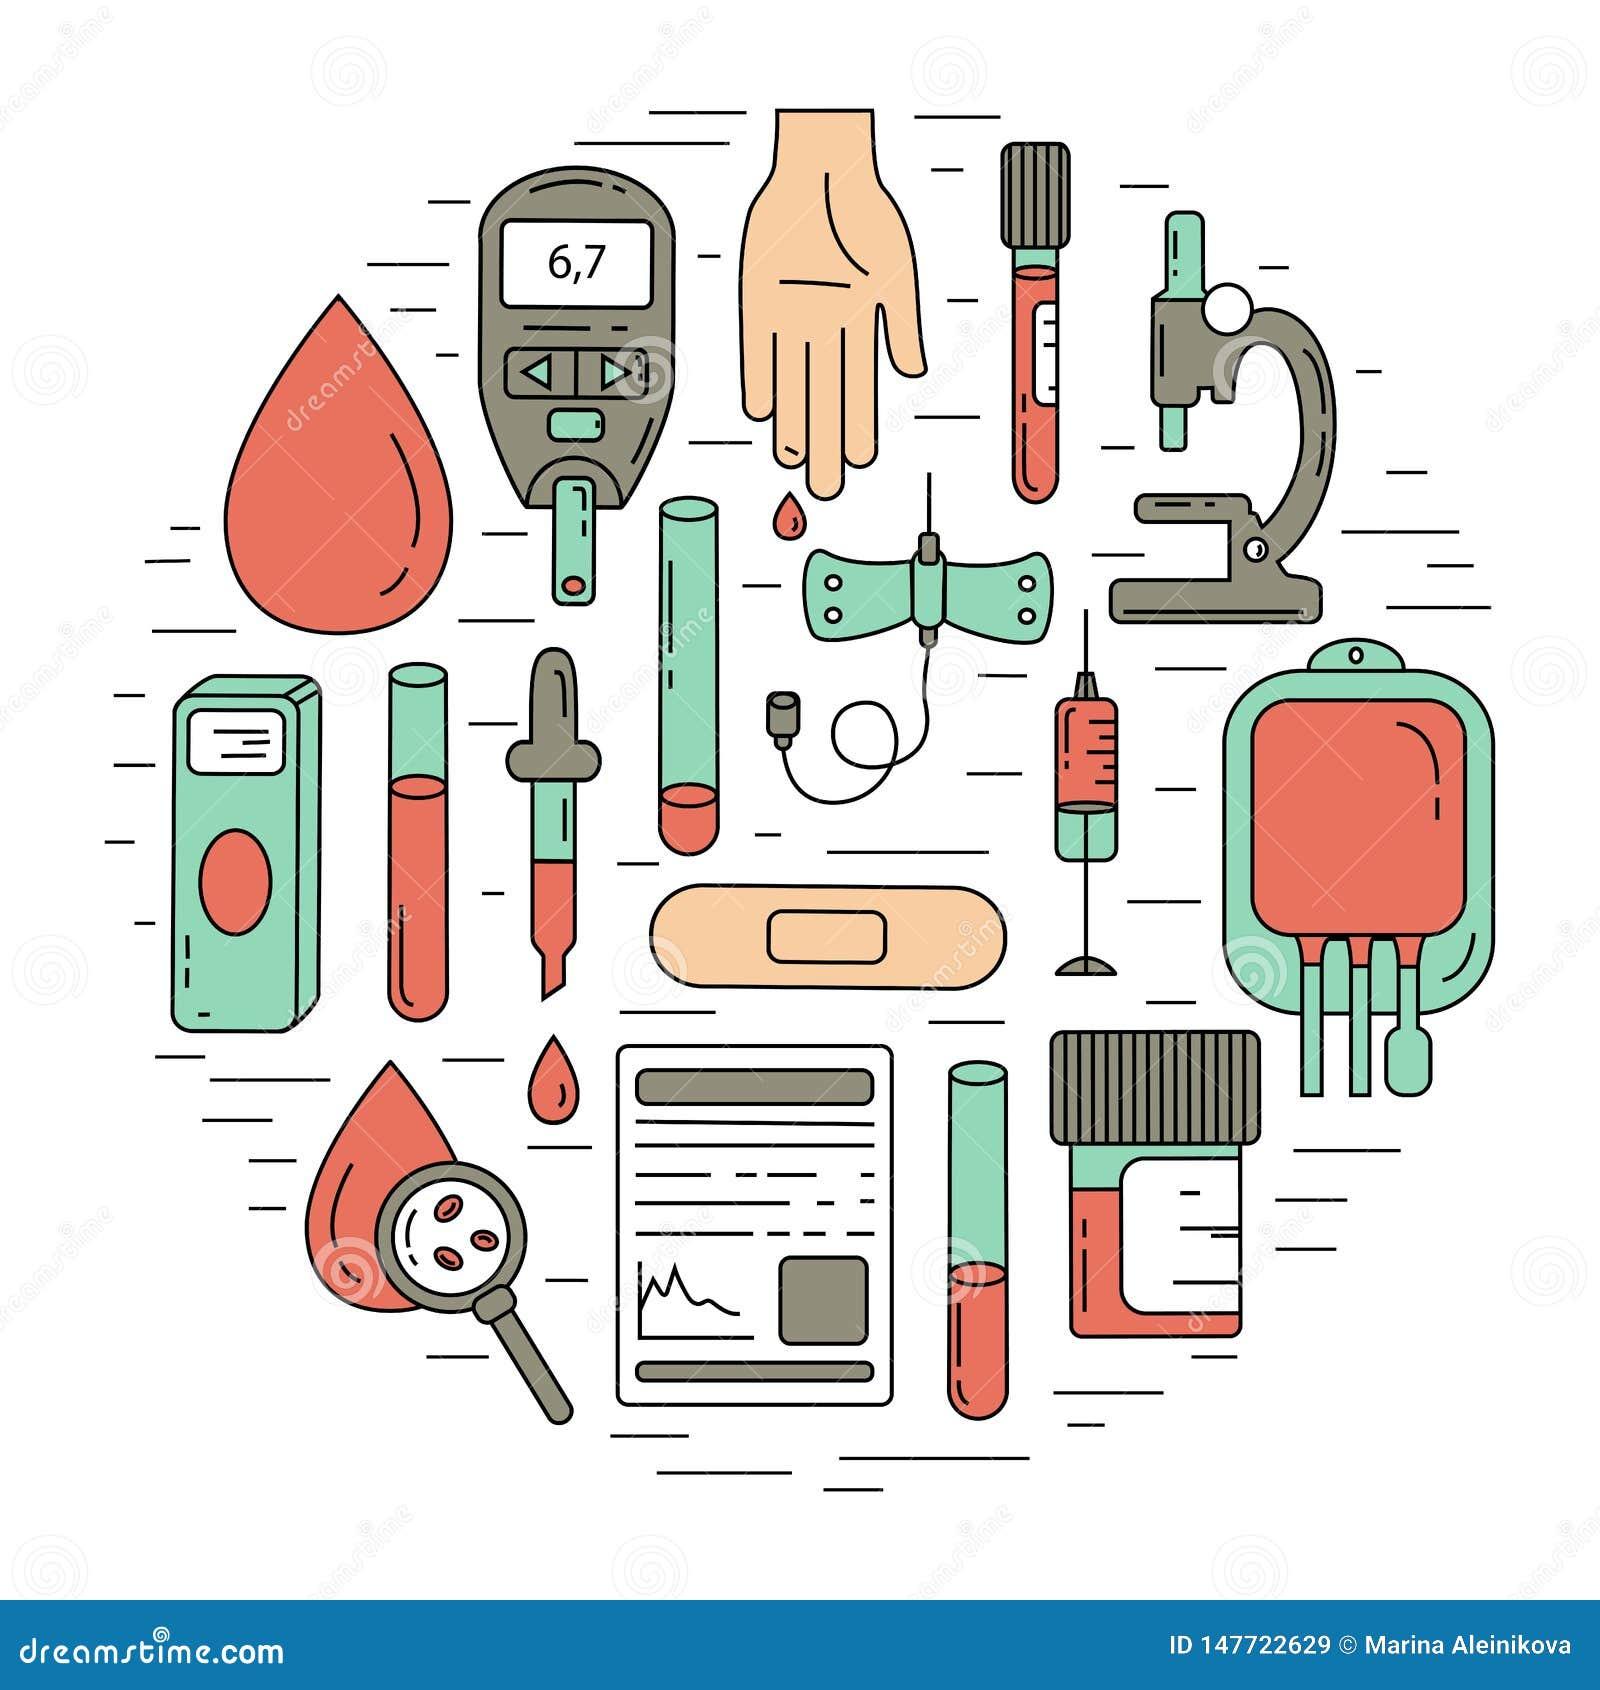 Έννοια εξετάσεων αίματος Διανυσματική απεικόνιση με τα στοιχεία ανάλυσης αίματος